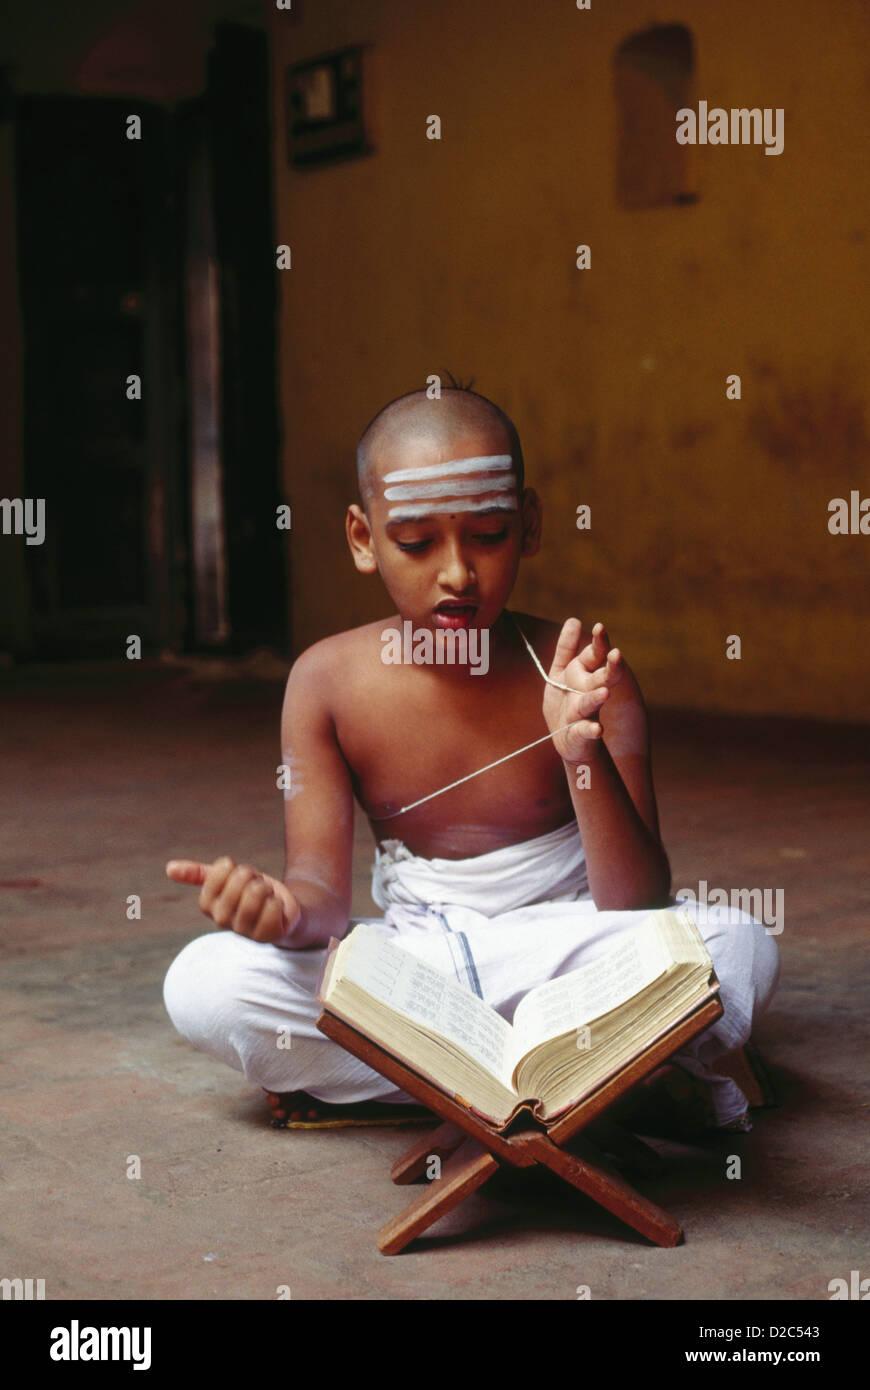 Indian Boy Reciting Vedas, Hindu Scripture. Kumbakonam, Tamil Nadu, India - Stock Image